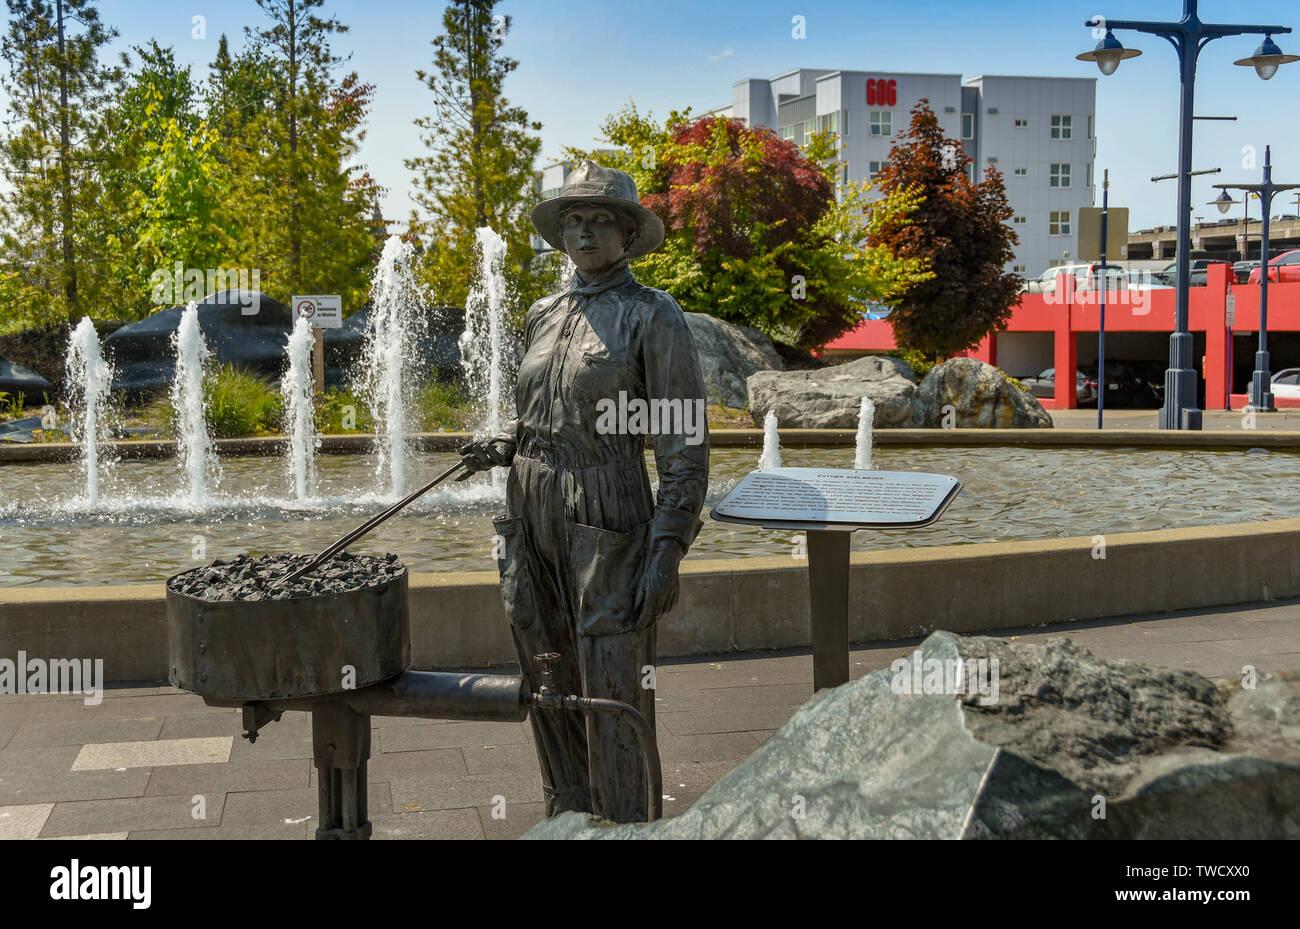 BREMERTON, Washington State, USA - JUNI 2018: Statue zum Gedenken an Esther Bielmeier, einem Niet Heizung in der Werft, in Gärten in Bremerton. Stockbild